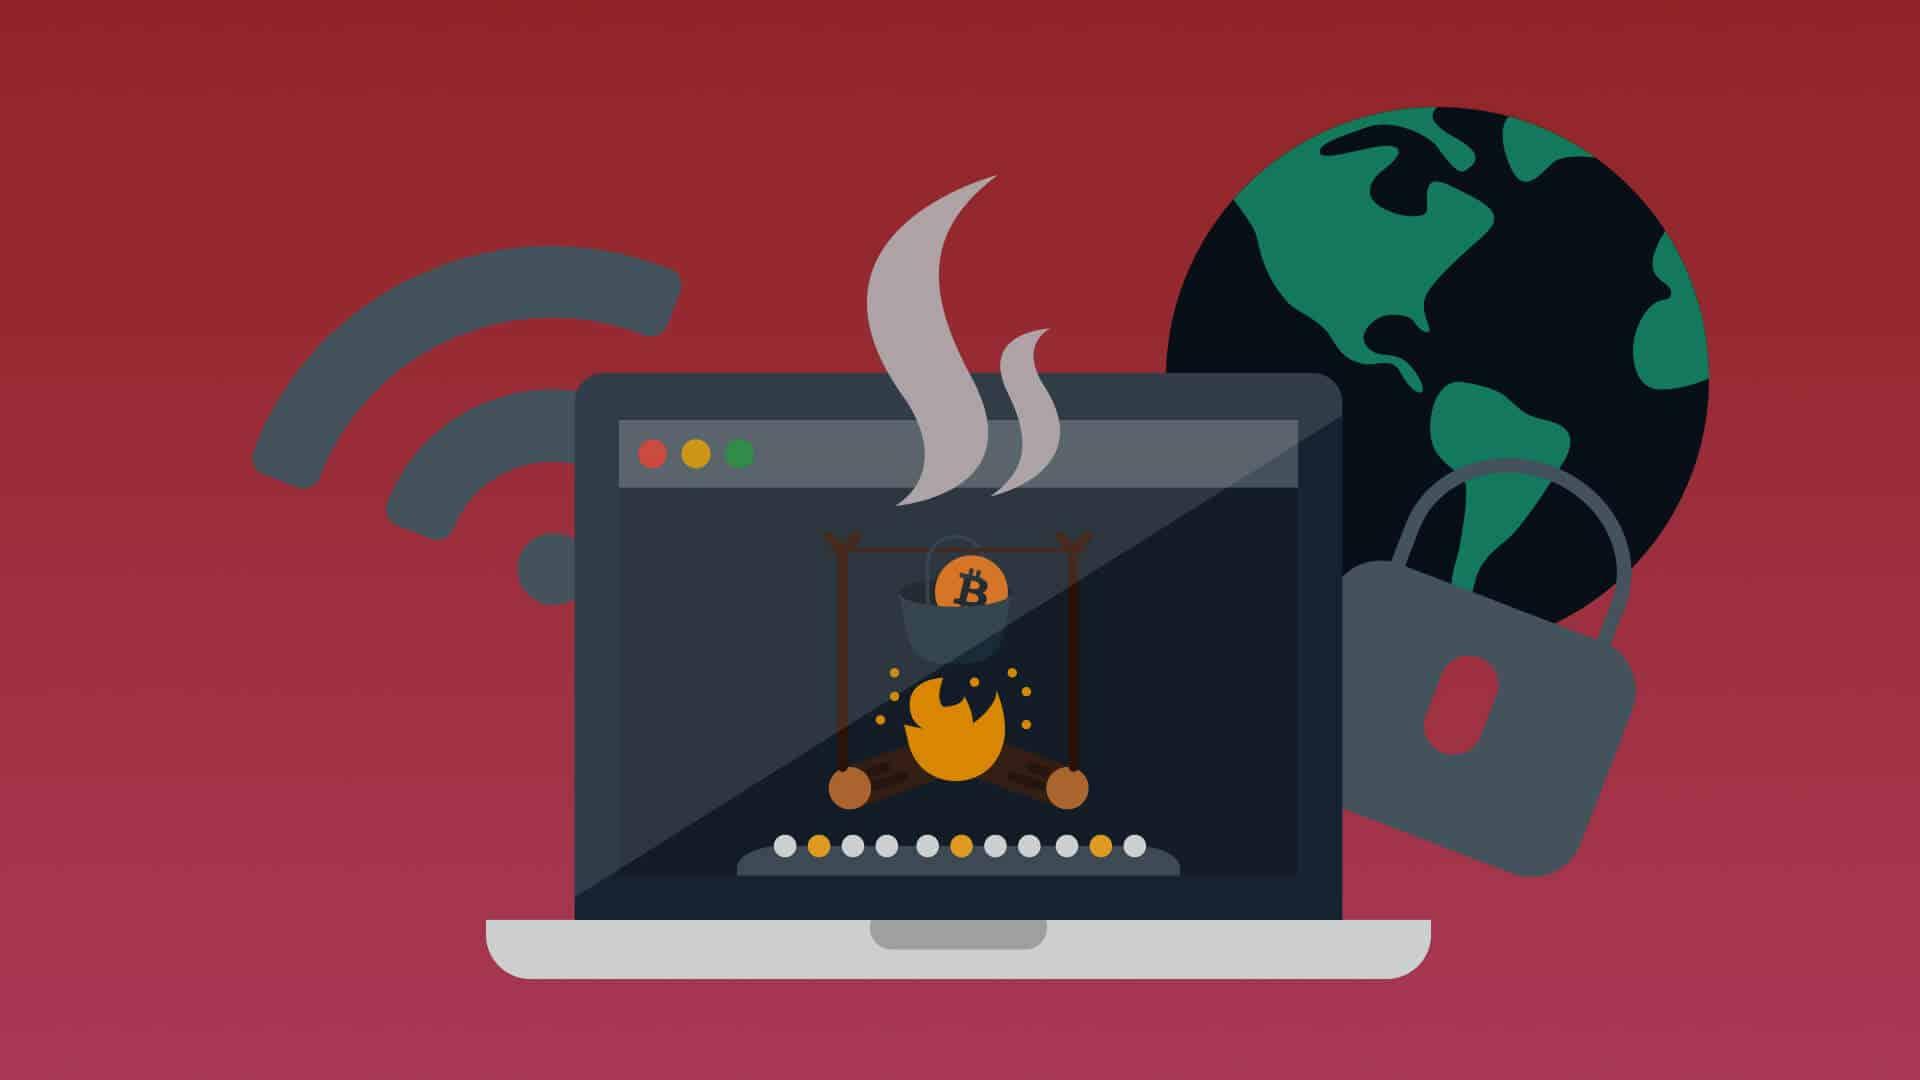 Symbole für Bitcoin, Hot Storage bezeichnet die Lagerung des Private Key online. Dies brigt Sicherheitsrisiken für Inhaben von Kryptowährungen